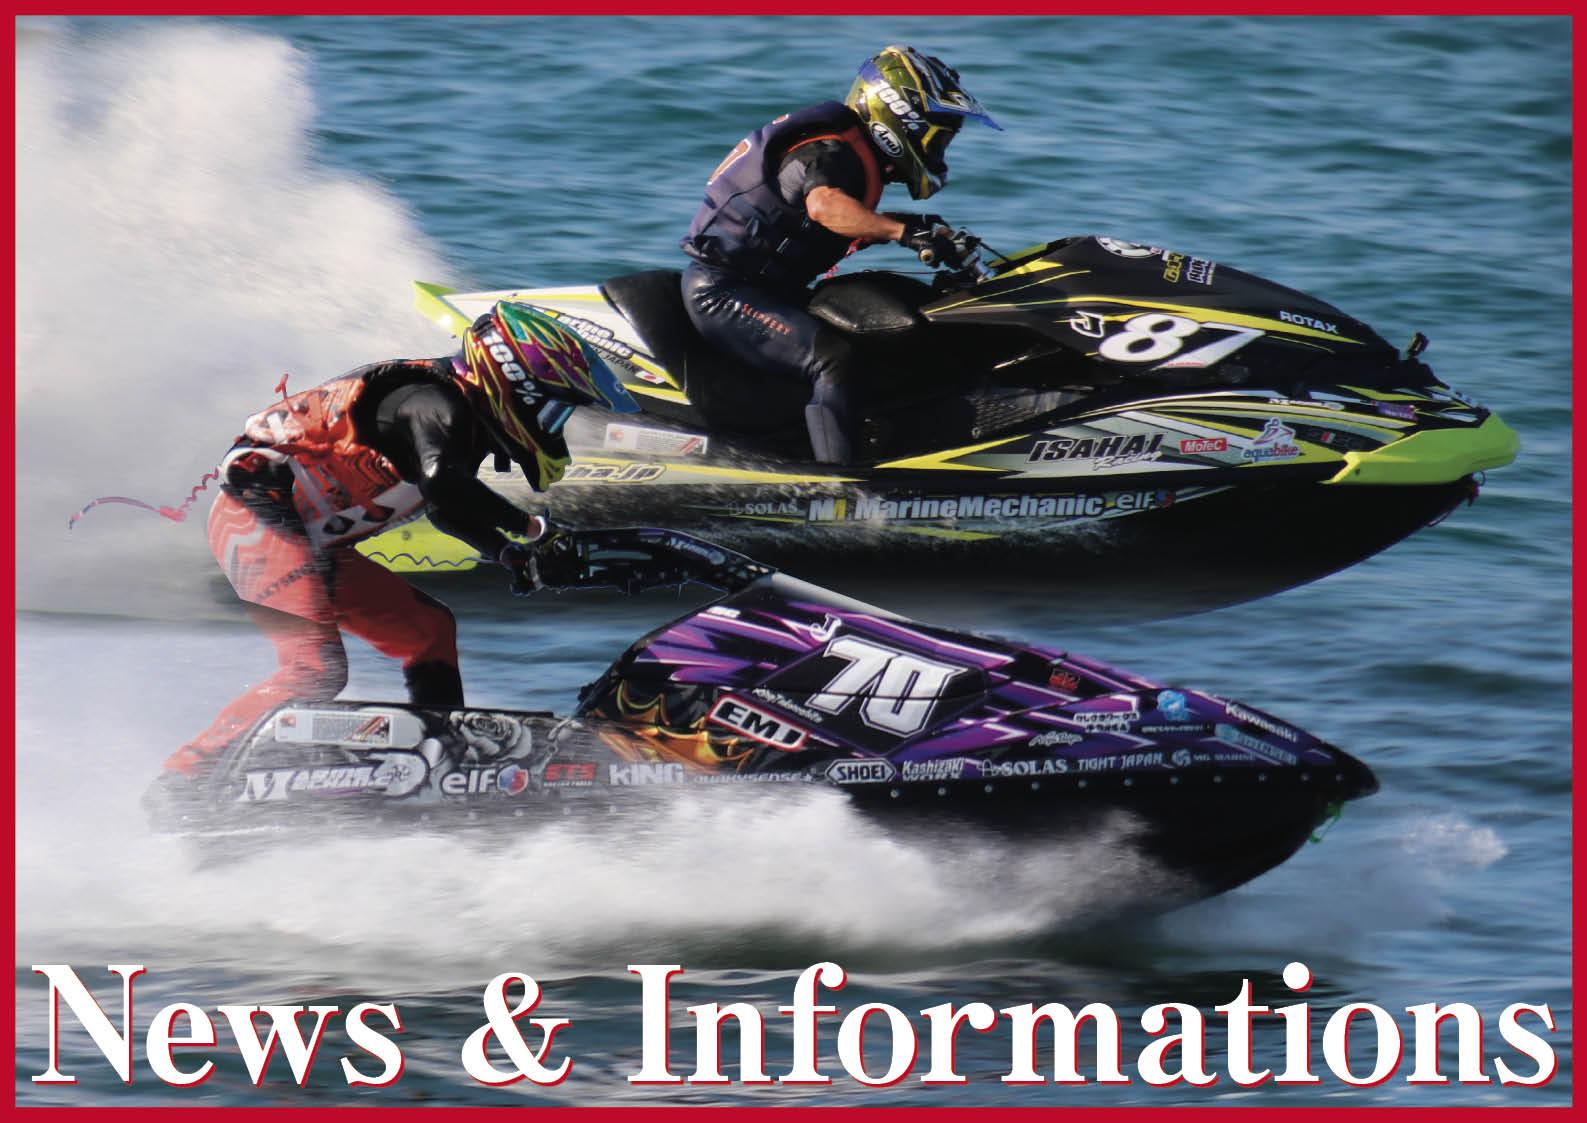 【レーススケジュール】JJSF、2020年全日本選手権シリーズ戦 レース&フリースタイル スケジュール発表 ジェットスキー(水上バイク)